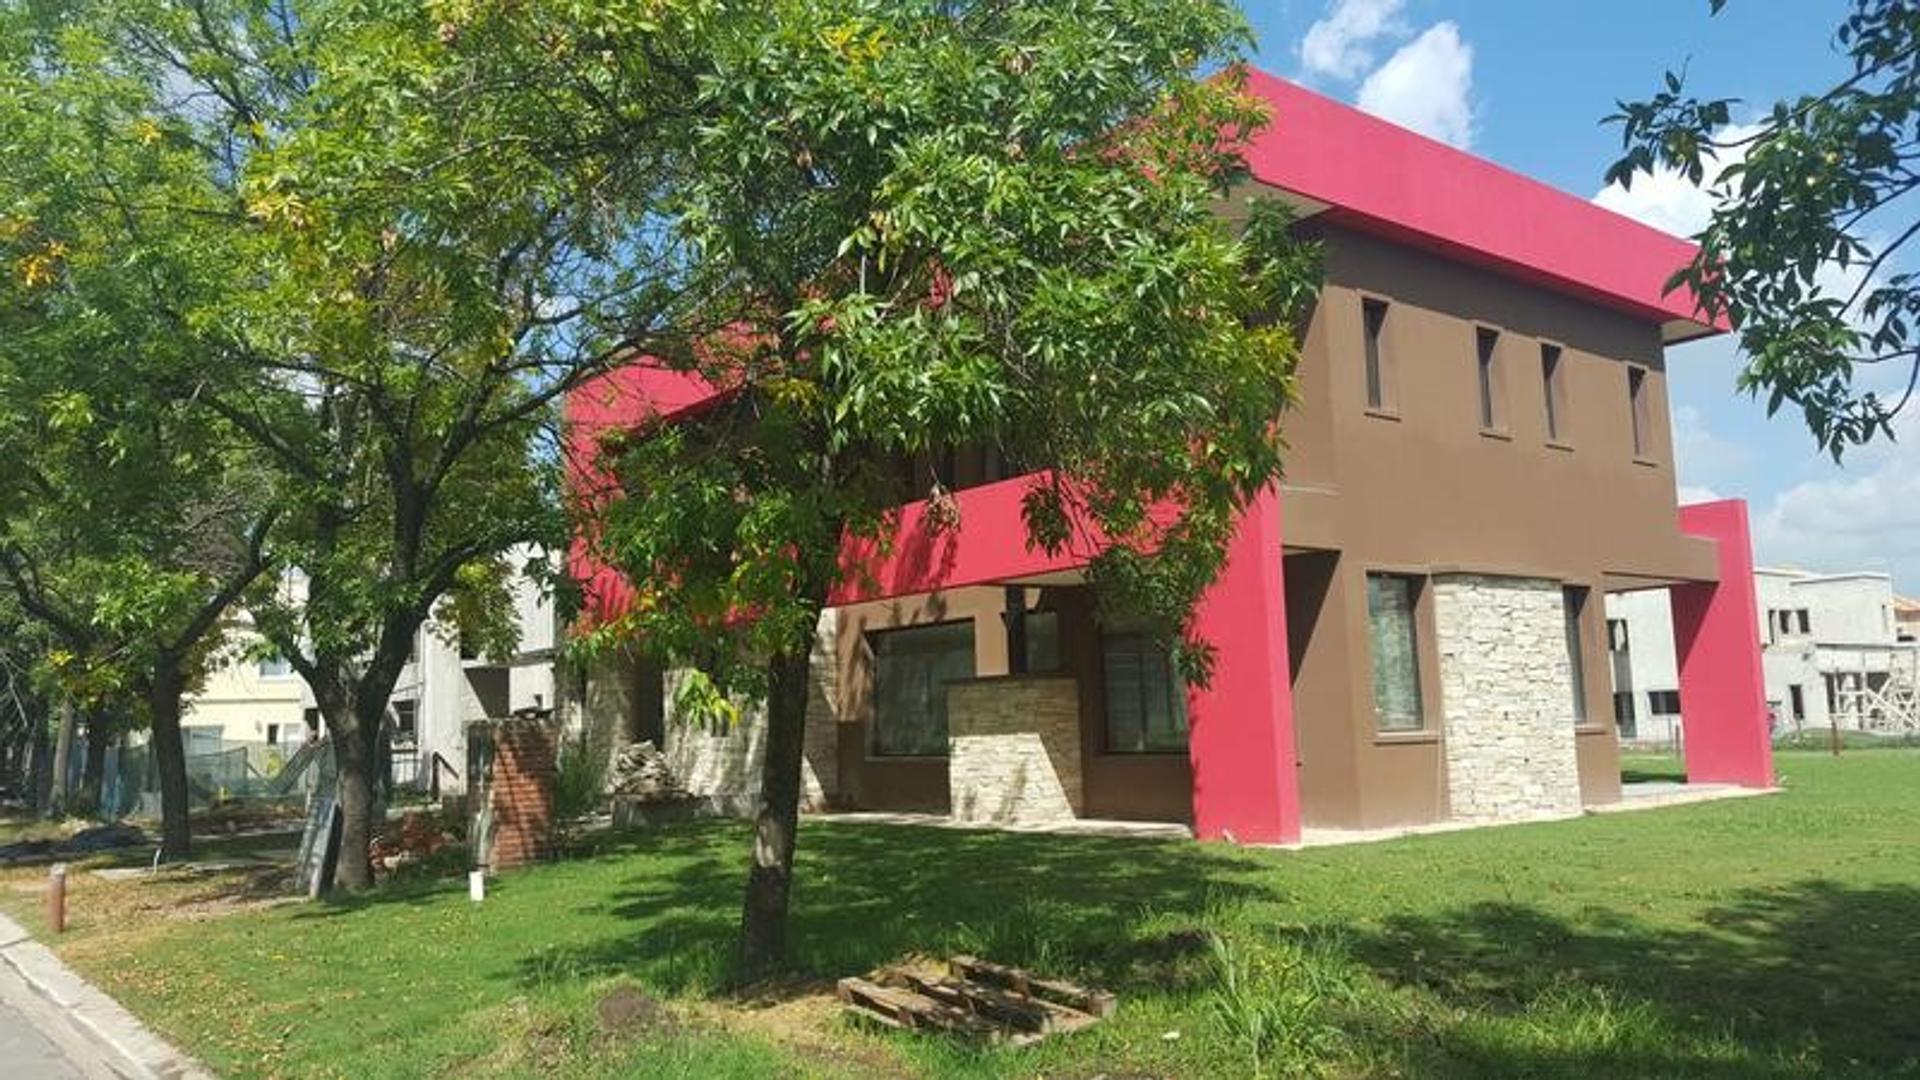 Excepcional propiedad de 5 dormitorios a Estrenar en Brisas de Adrogué.